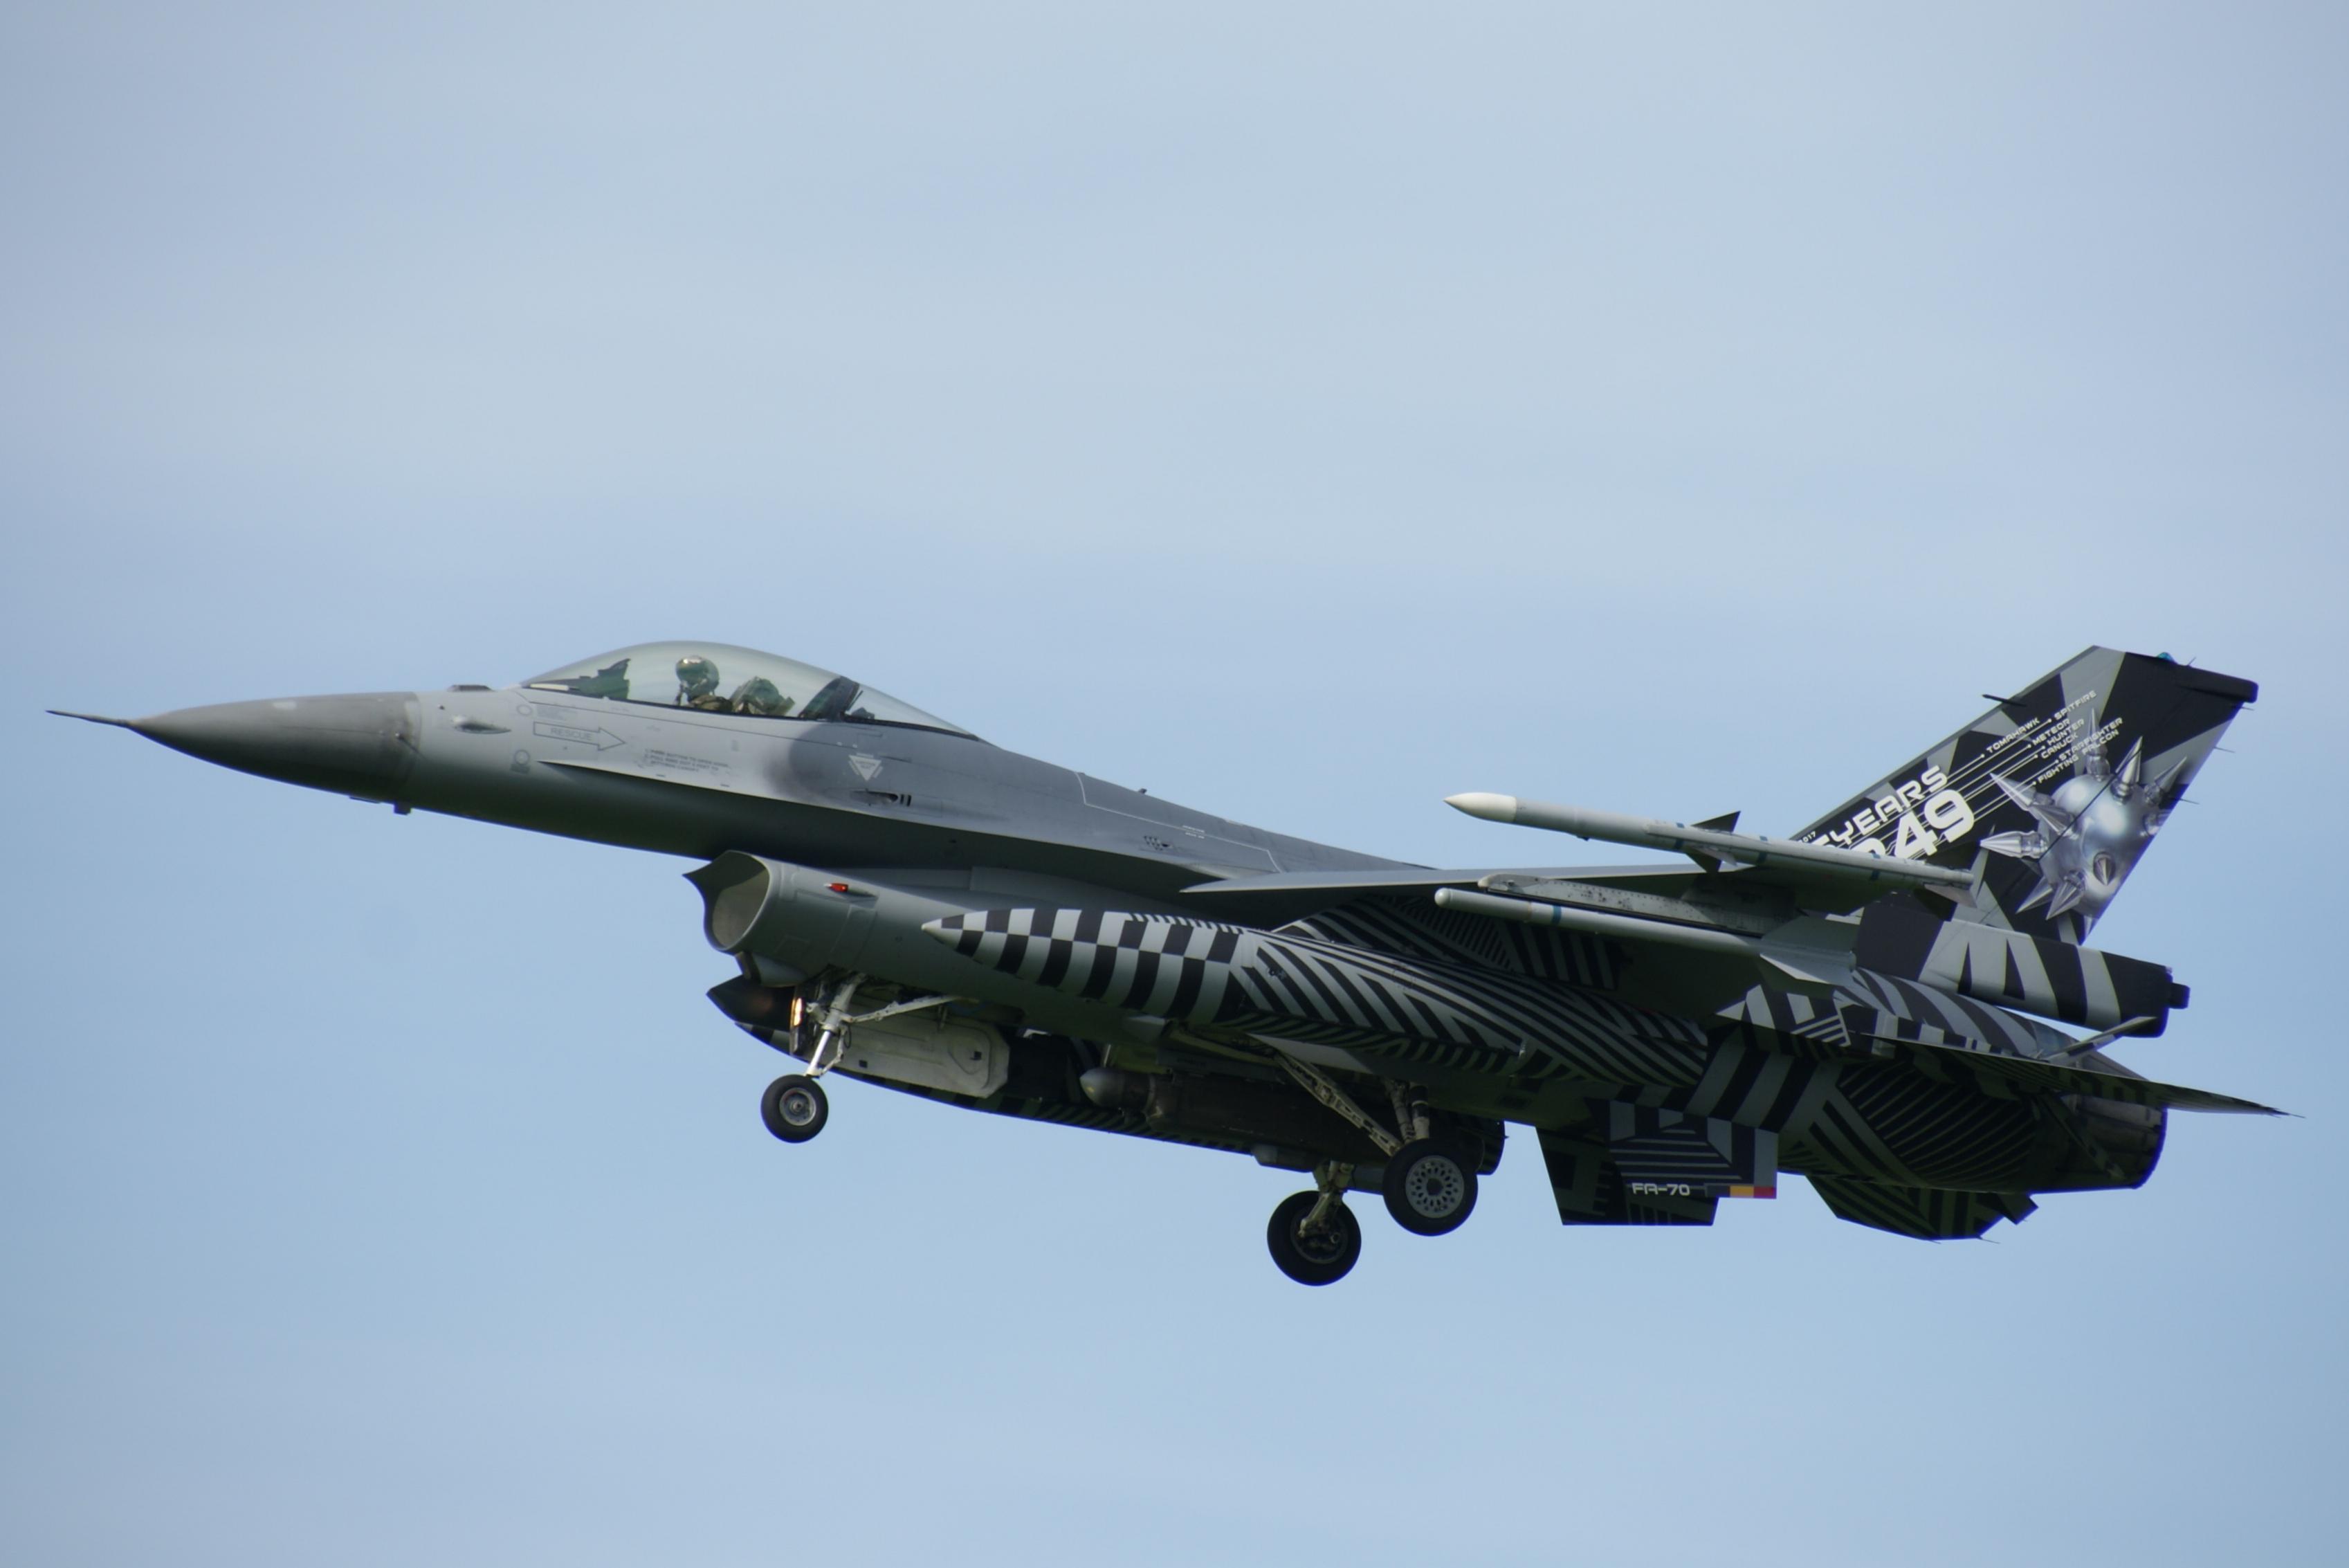 Naam: FA-70 SPECIAL (4).jpg Bekeken: 169 Grootte: 239,1 KB